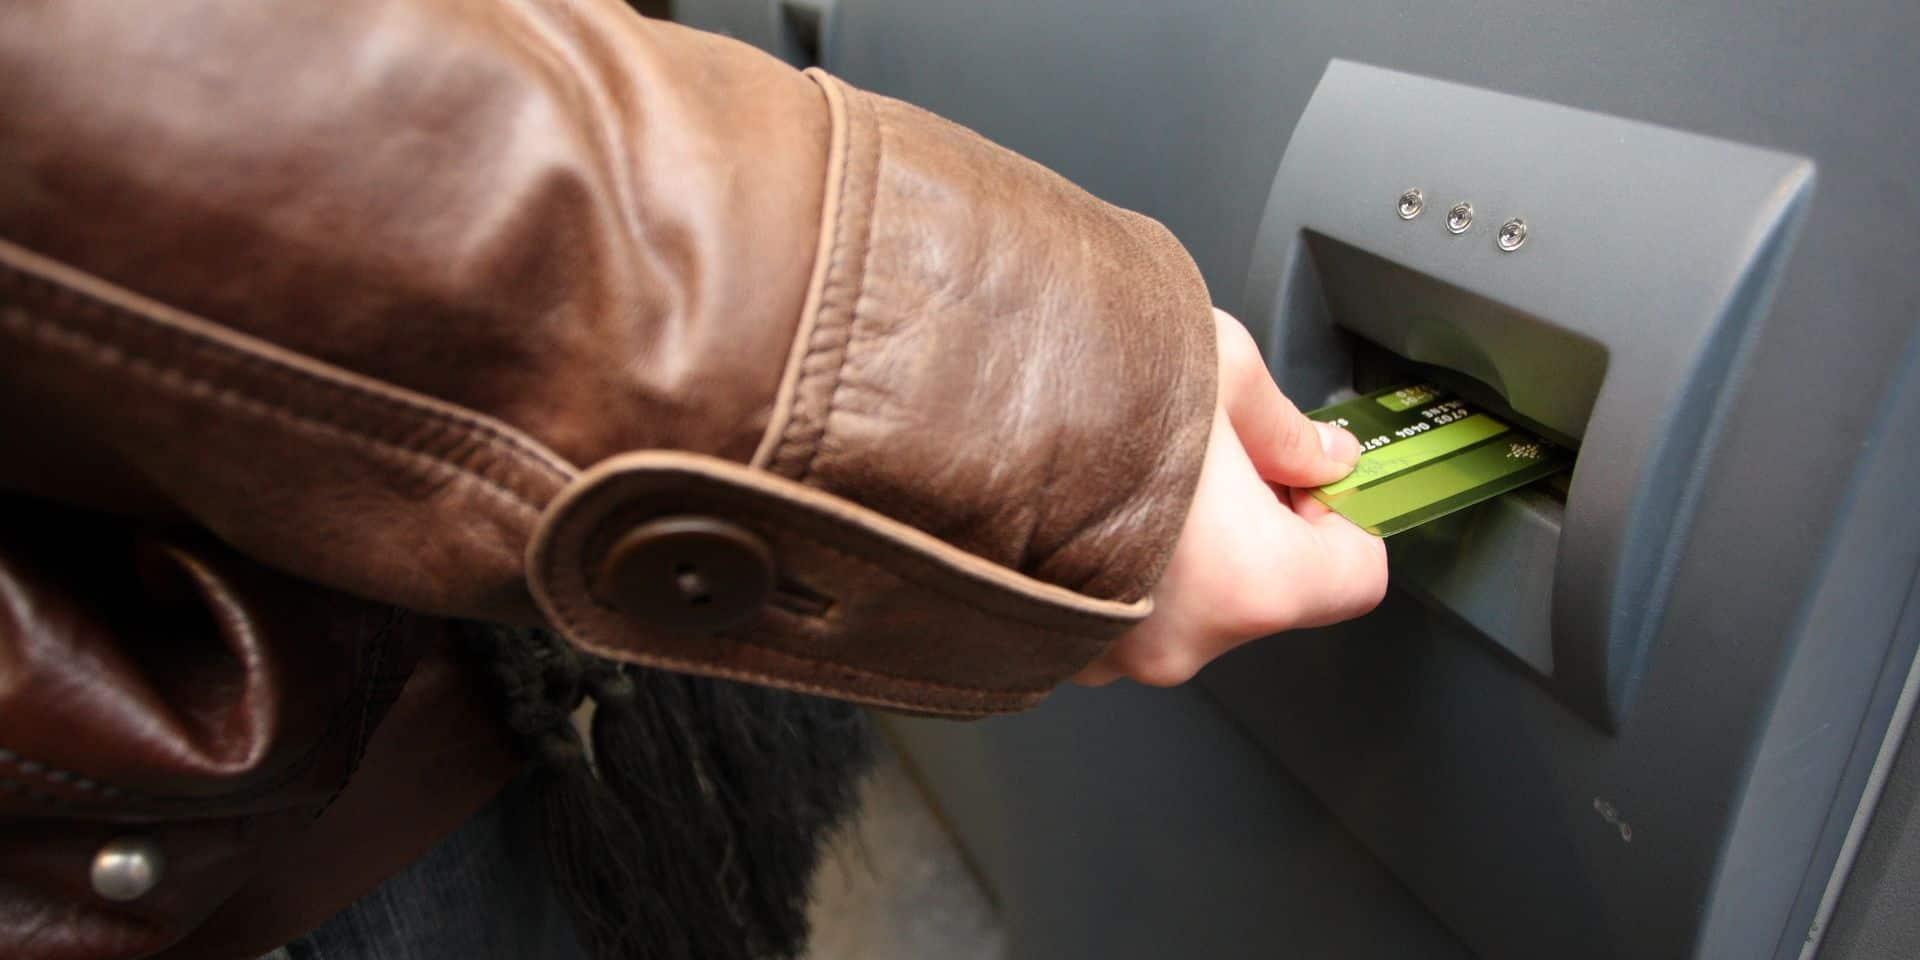 Verviers vote une motion contre la suppression des terminaux bancaires